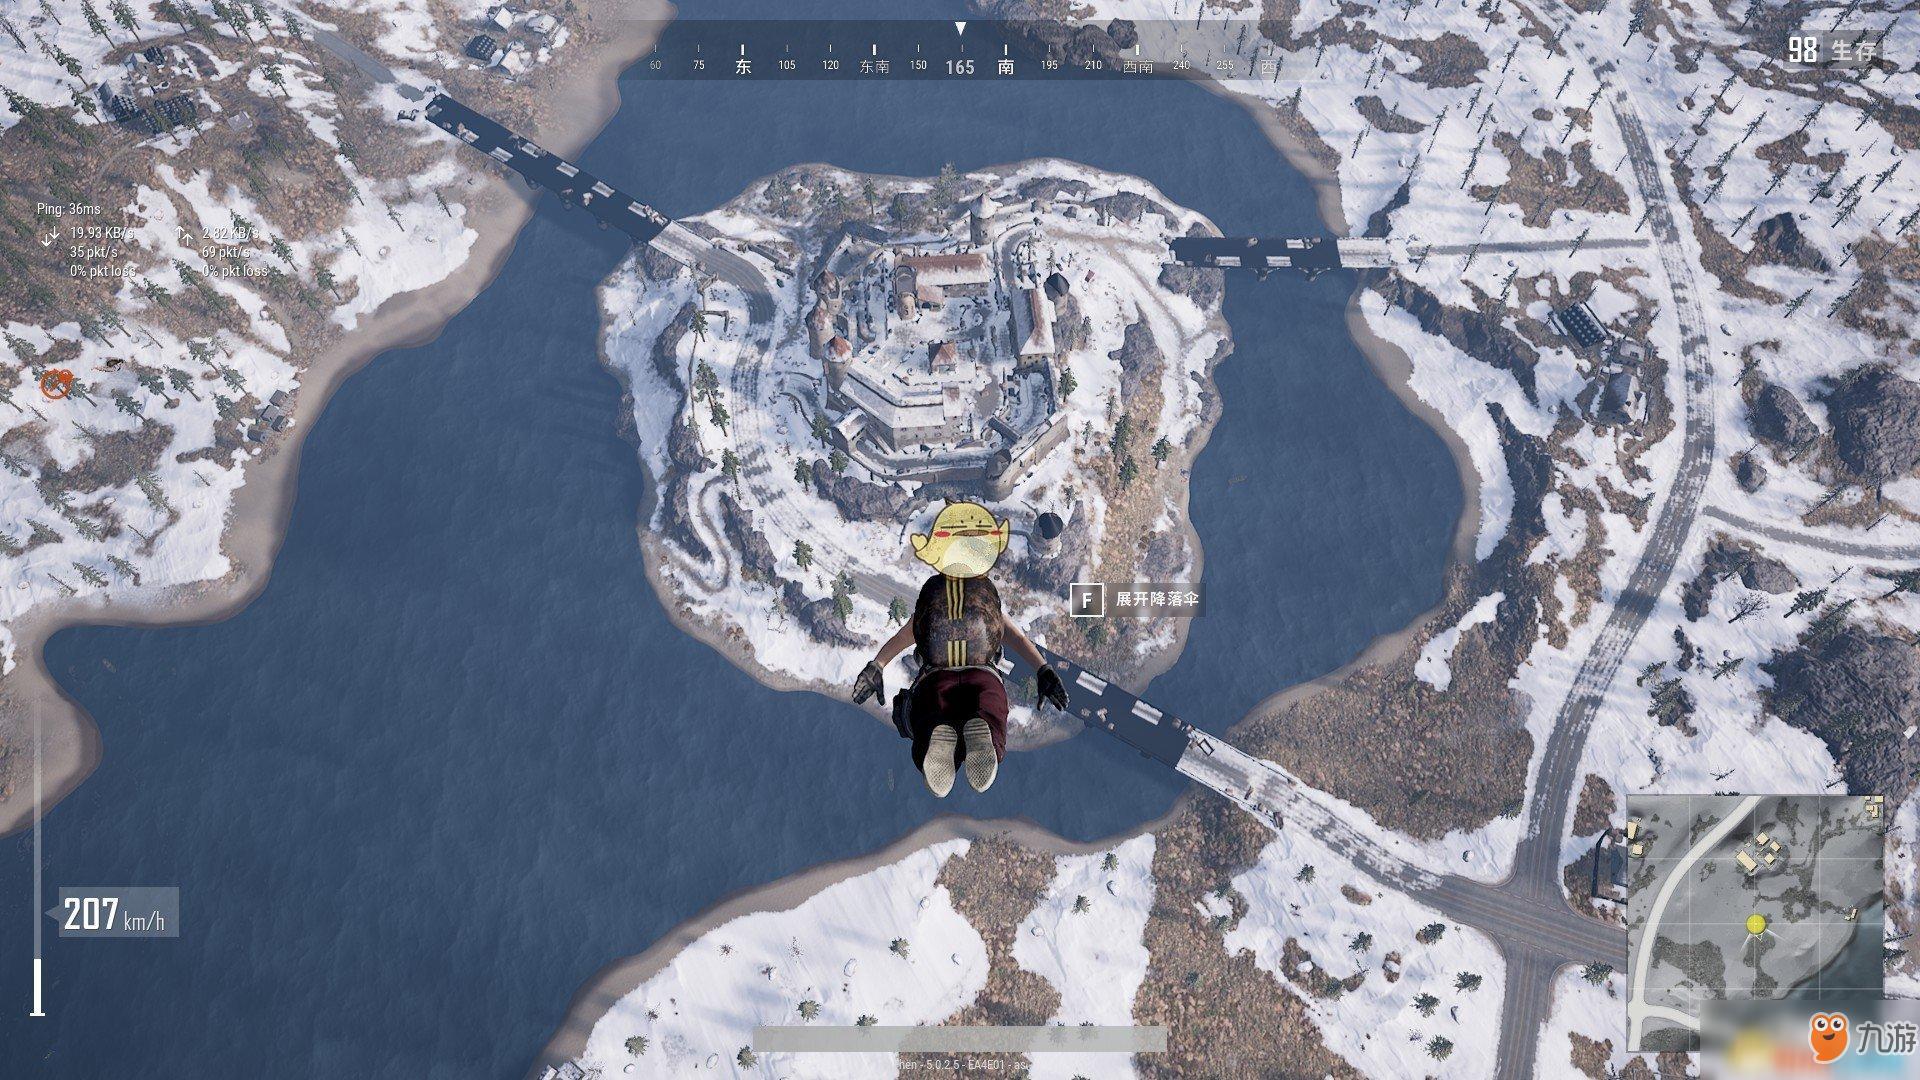 《绝地求生》雪地地图大型资源点在哪 castle城堡打法